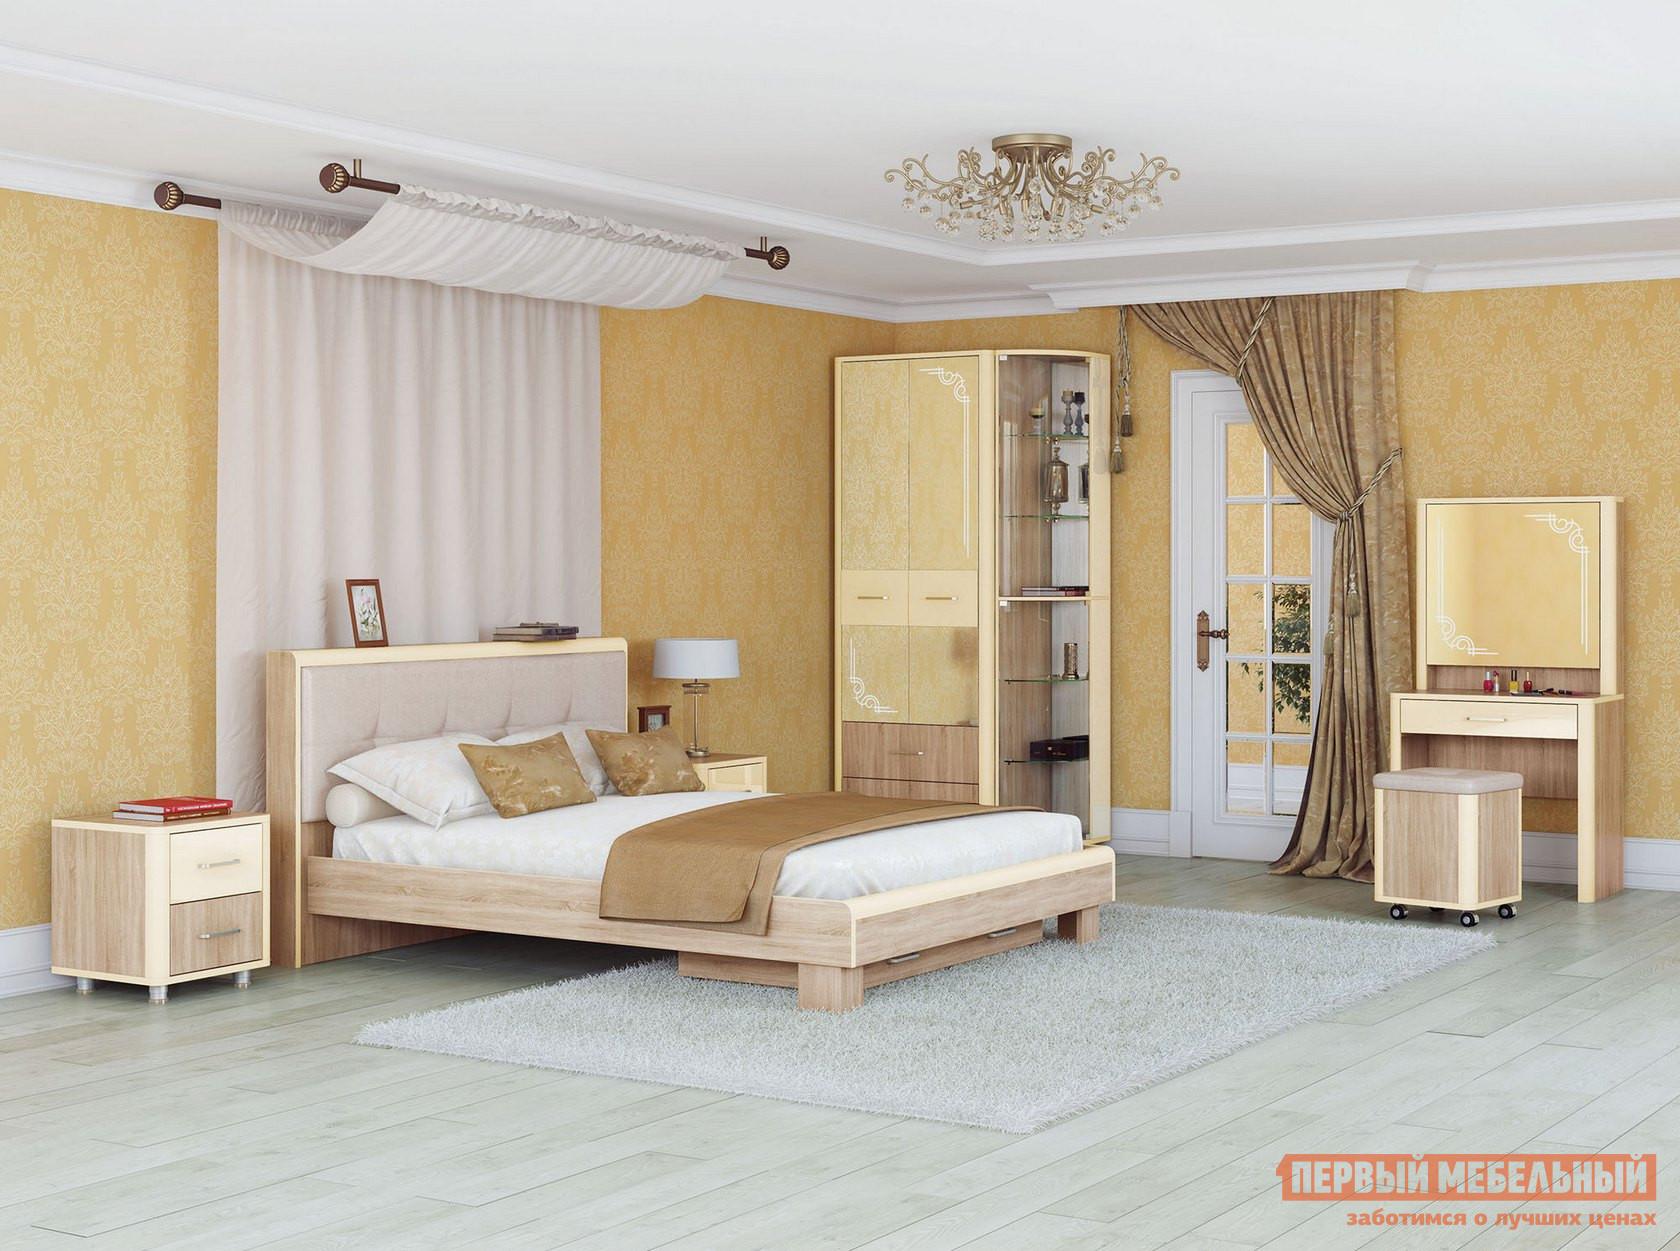 Комплект мебели для спальни МСТ Оливия М К1 комплект мебели для спальни трия амели к1